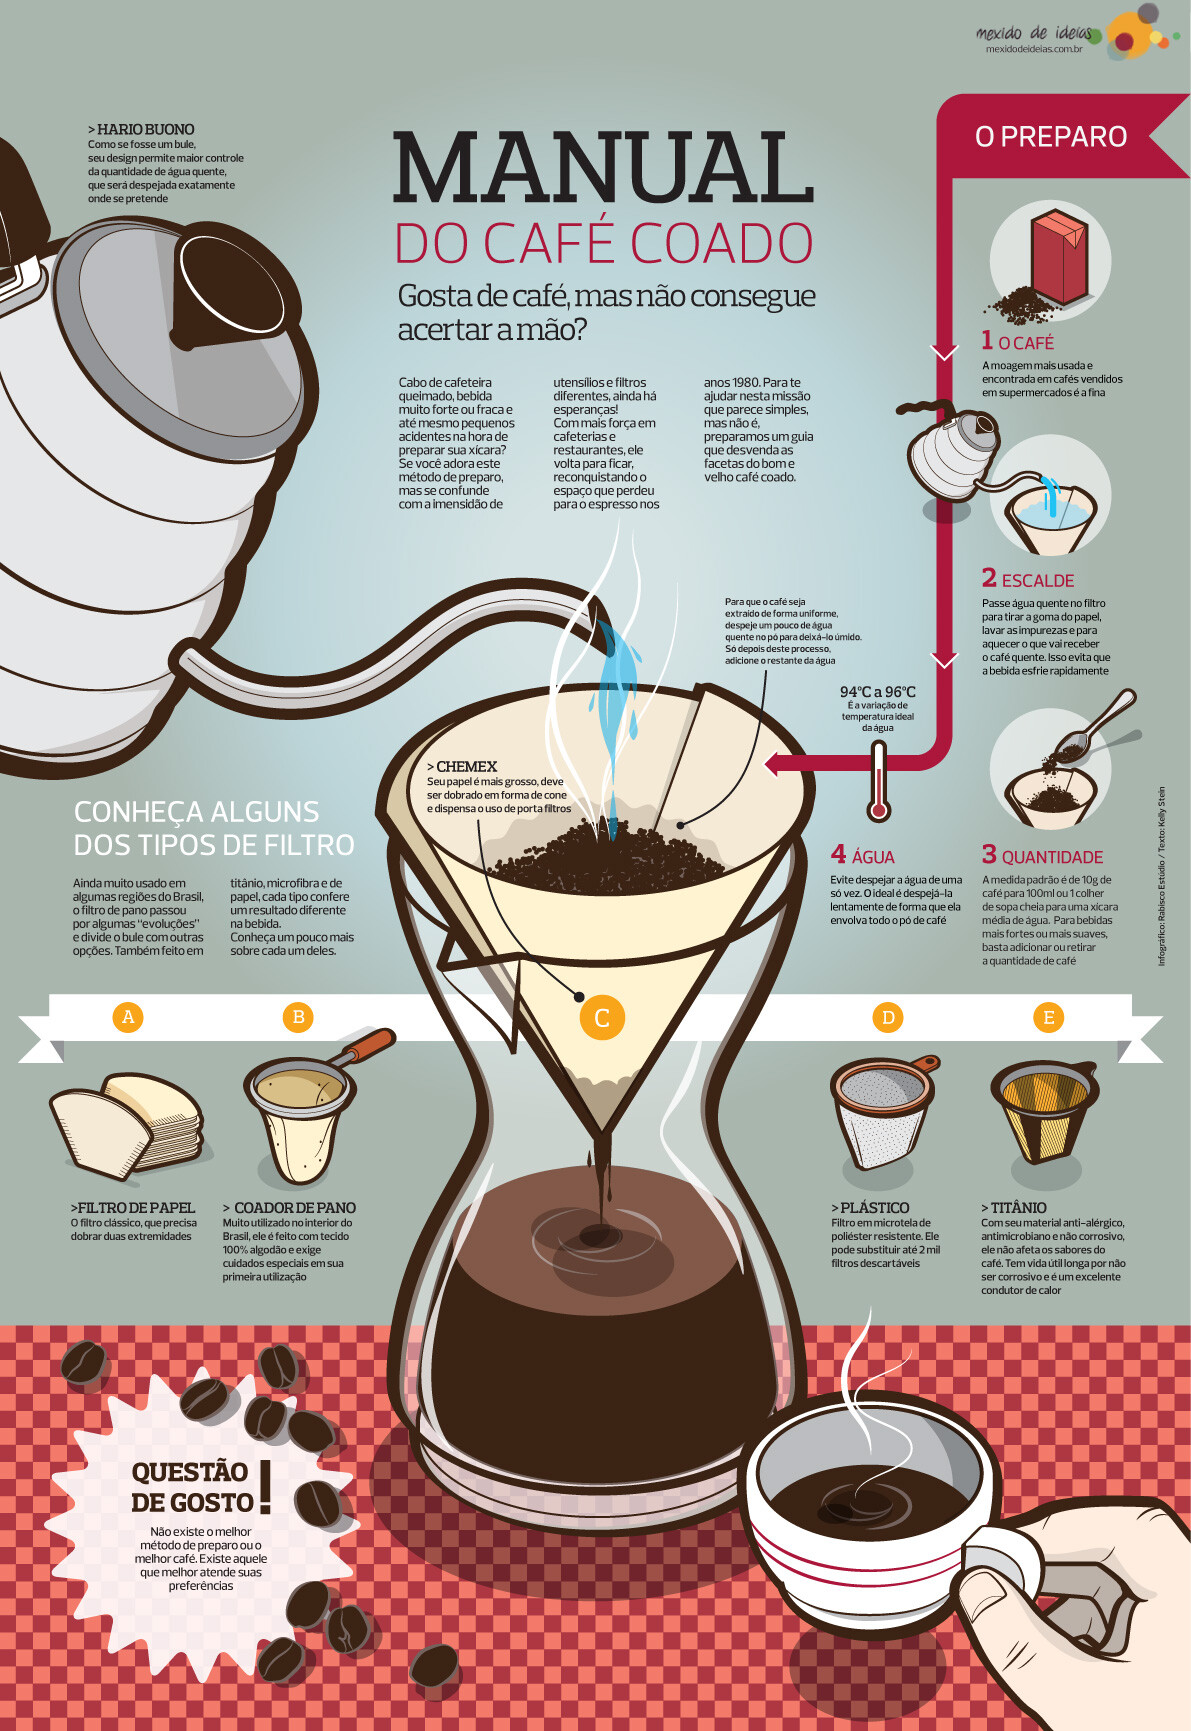 infográfico do café coado